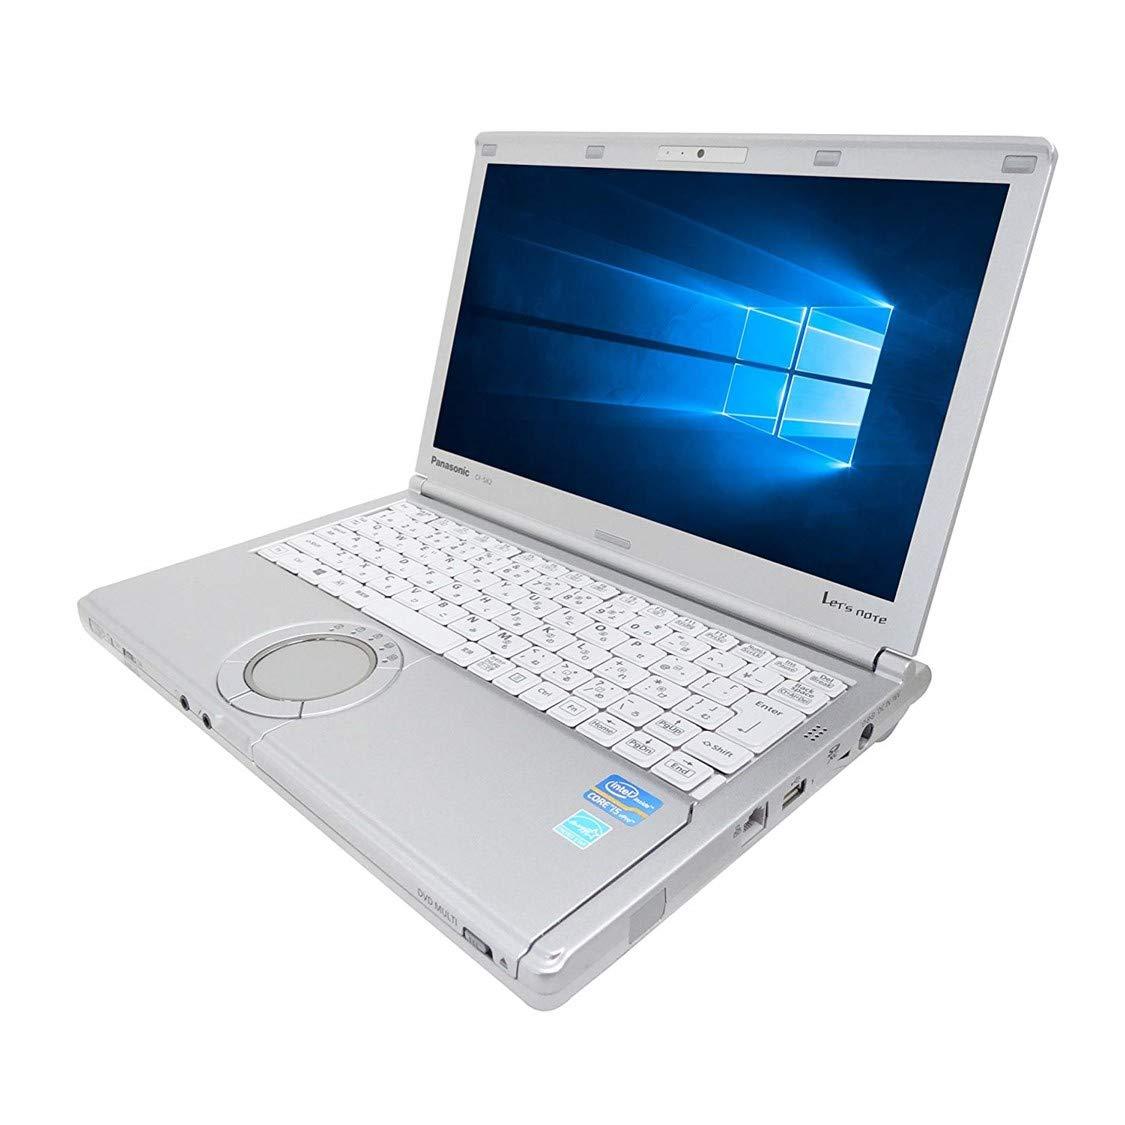 【送料無料/即納】  【Microsoft Office 2016搭載】 B07B48PHG1【Win 10搭載】Panasonic CF-SX2 (新品SSD:240GB)【Microsoft/第三世代Core i5 2.5GHz/大容量メモリー8GB/新品SSD:240GB/DVDスーパーマルチ/12インチワイド液晶/無線搭載/HDMI/USB3.0/中古ノートパソコン (新品SSD:240GB) B07B48PHG1 ハードディスク:500GB ハードディスク:500GB, 靴磨き専門店シューズマスター:ae97600a --- arbimovel.dominiotemporario.com